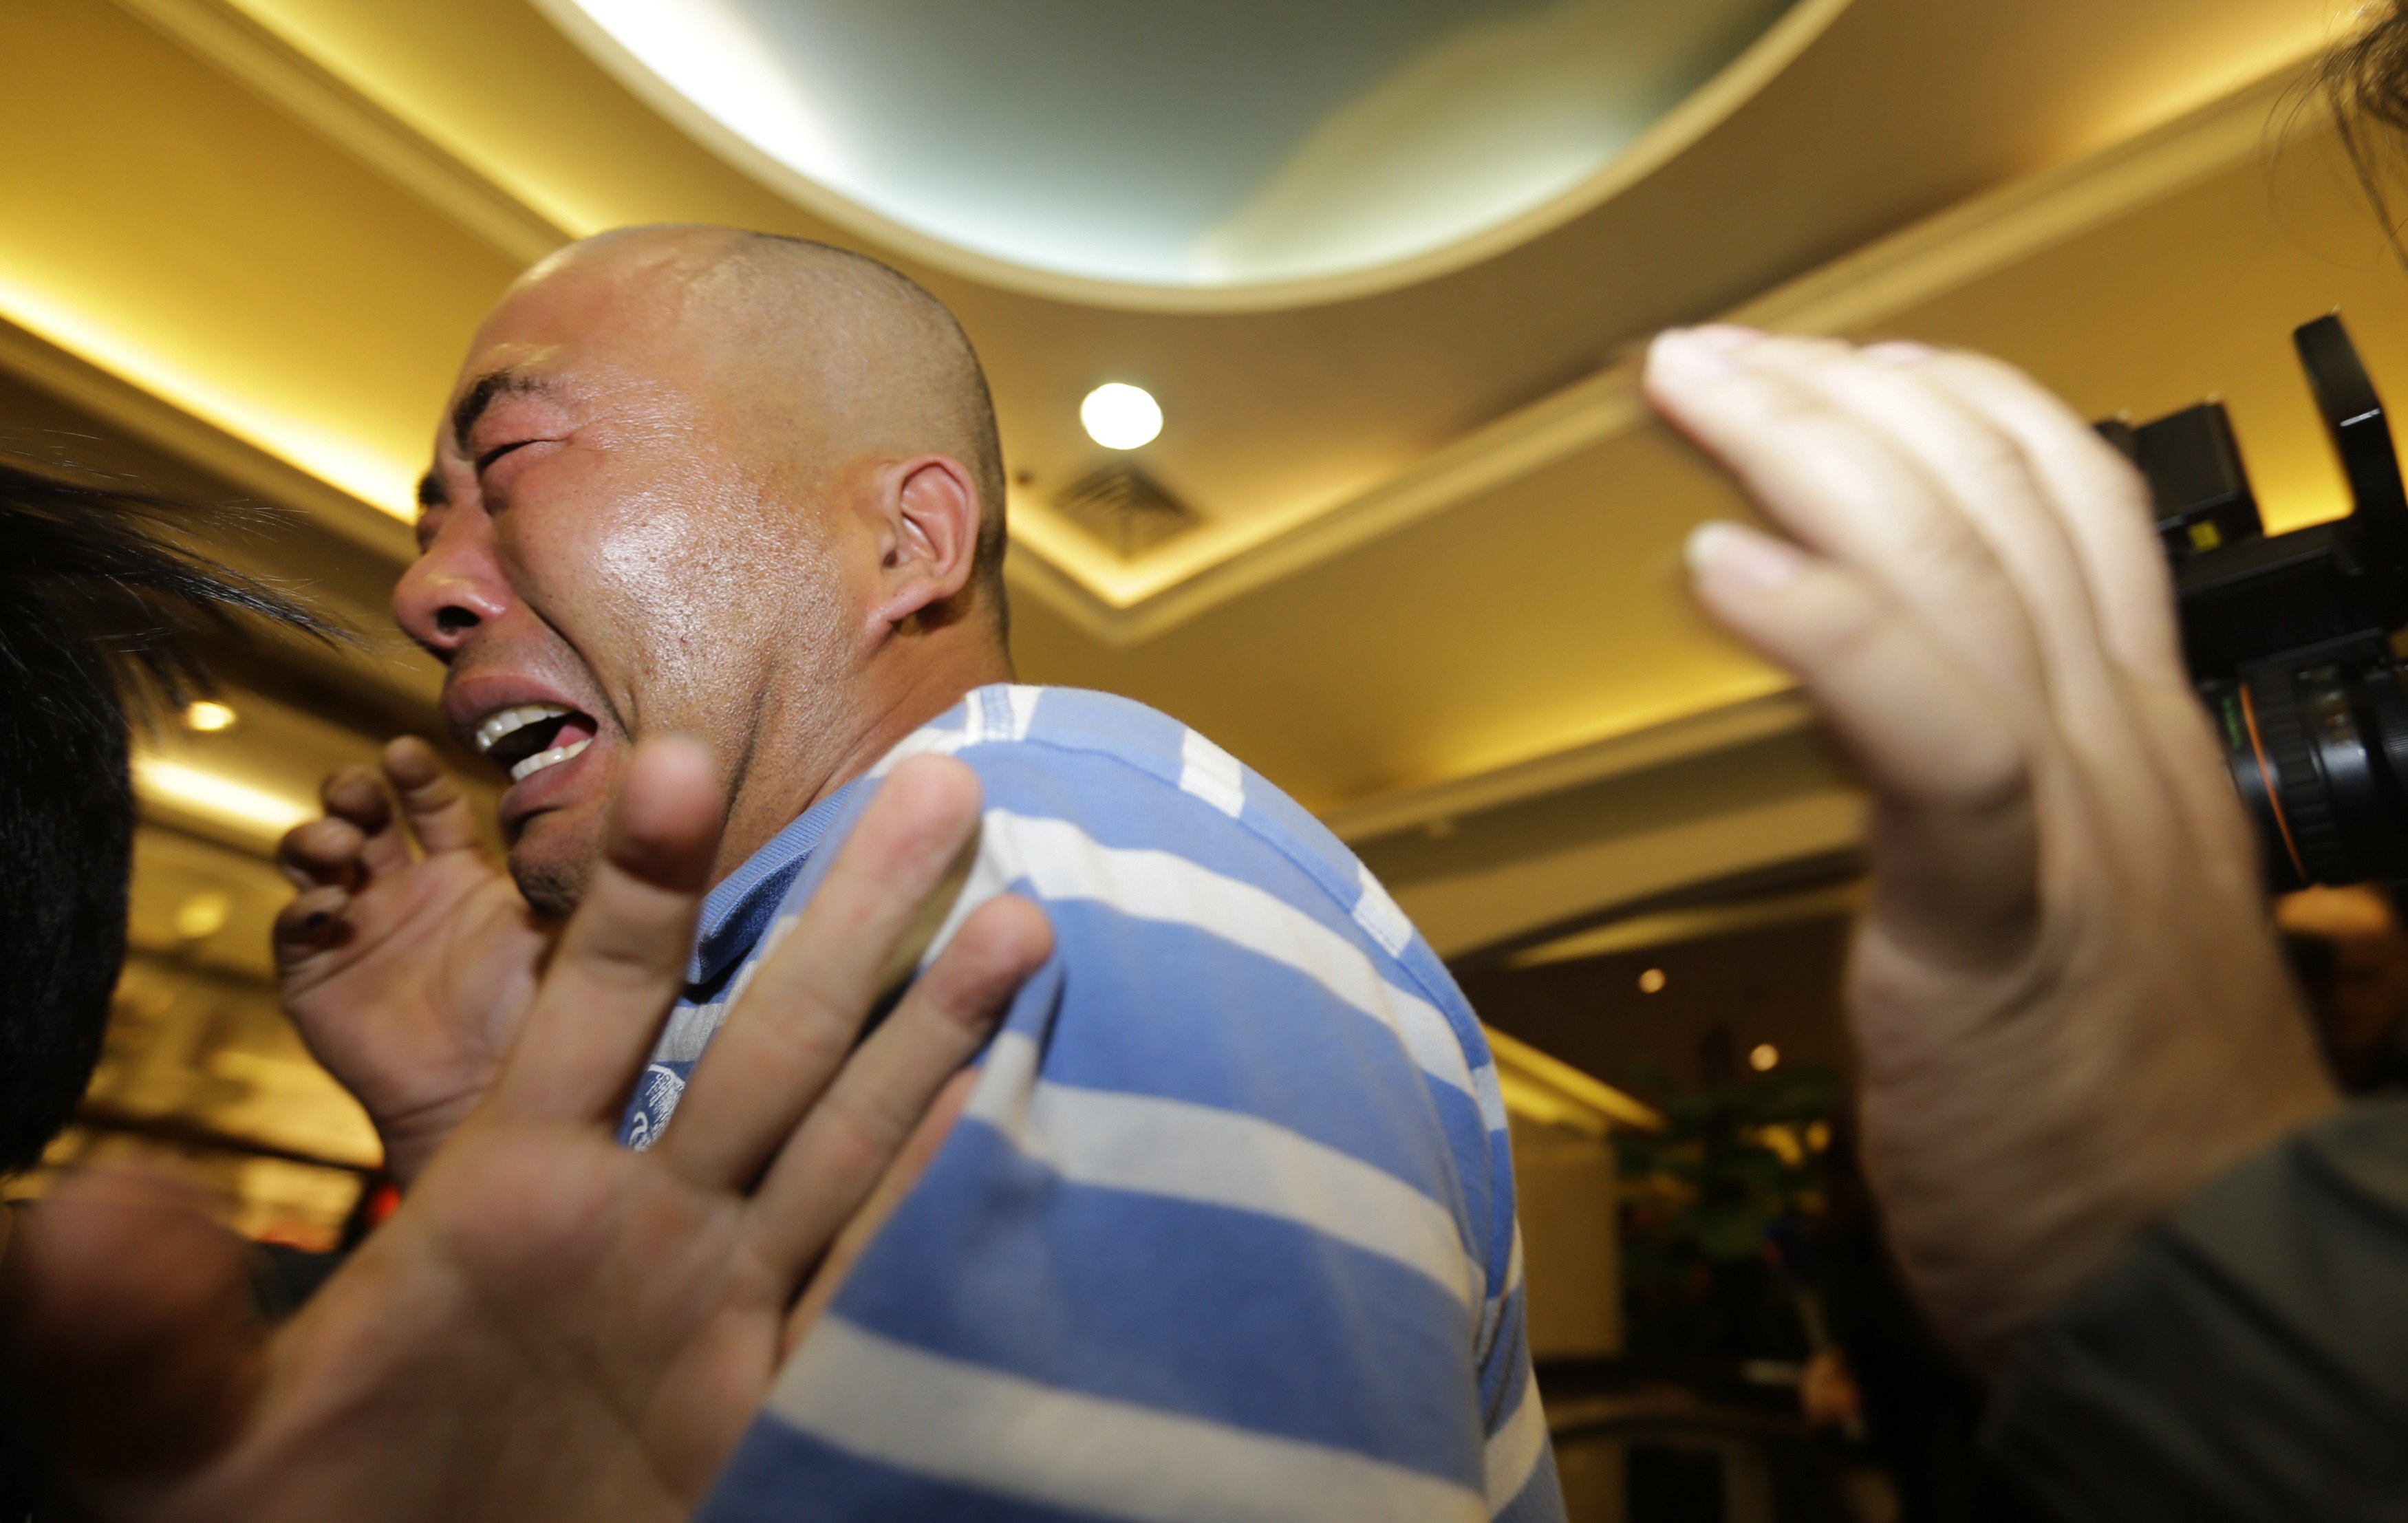 Parentes dos passageiros que estavam a bordo do Malayasia Airlines choram após receberem a notícia sobre o desaparecimento do avião | Jason Lee/ Reuters